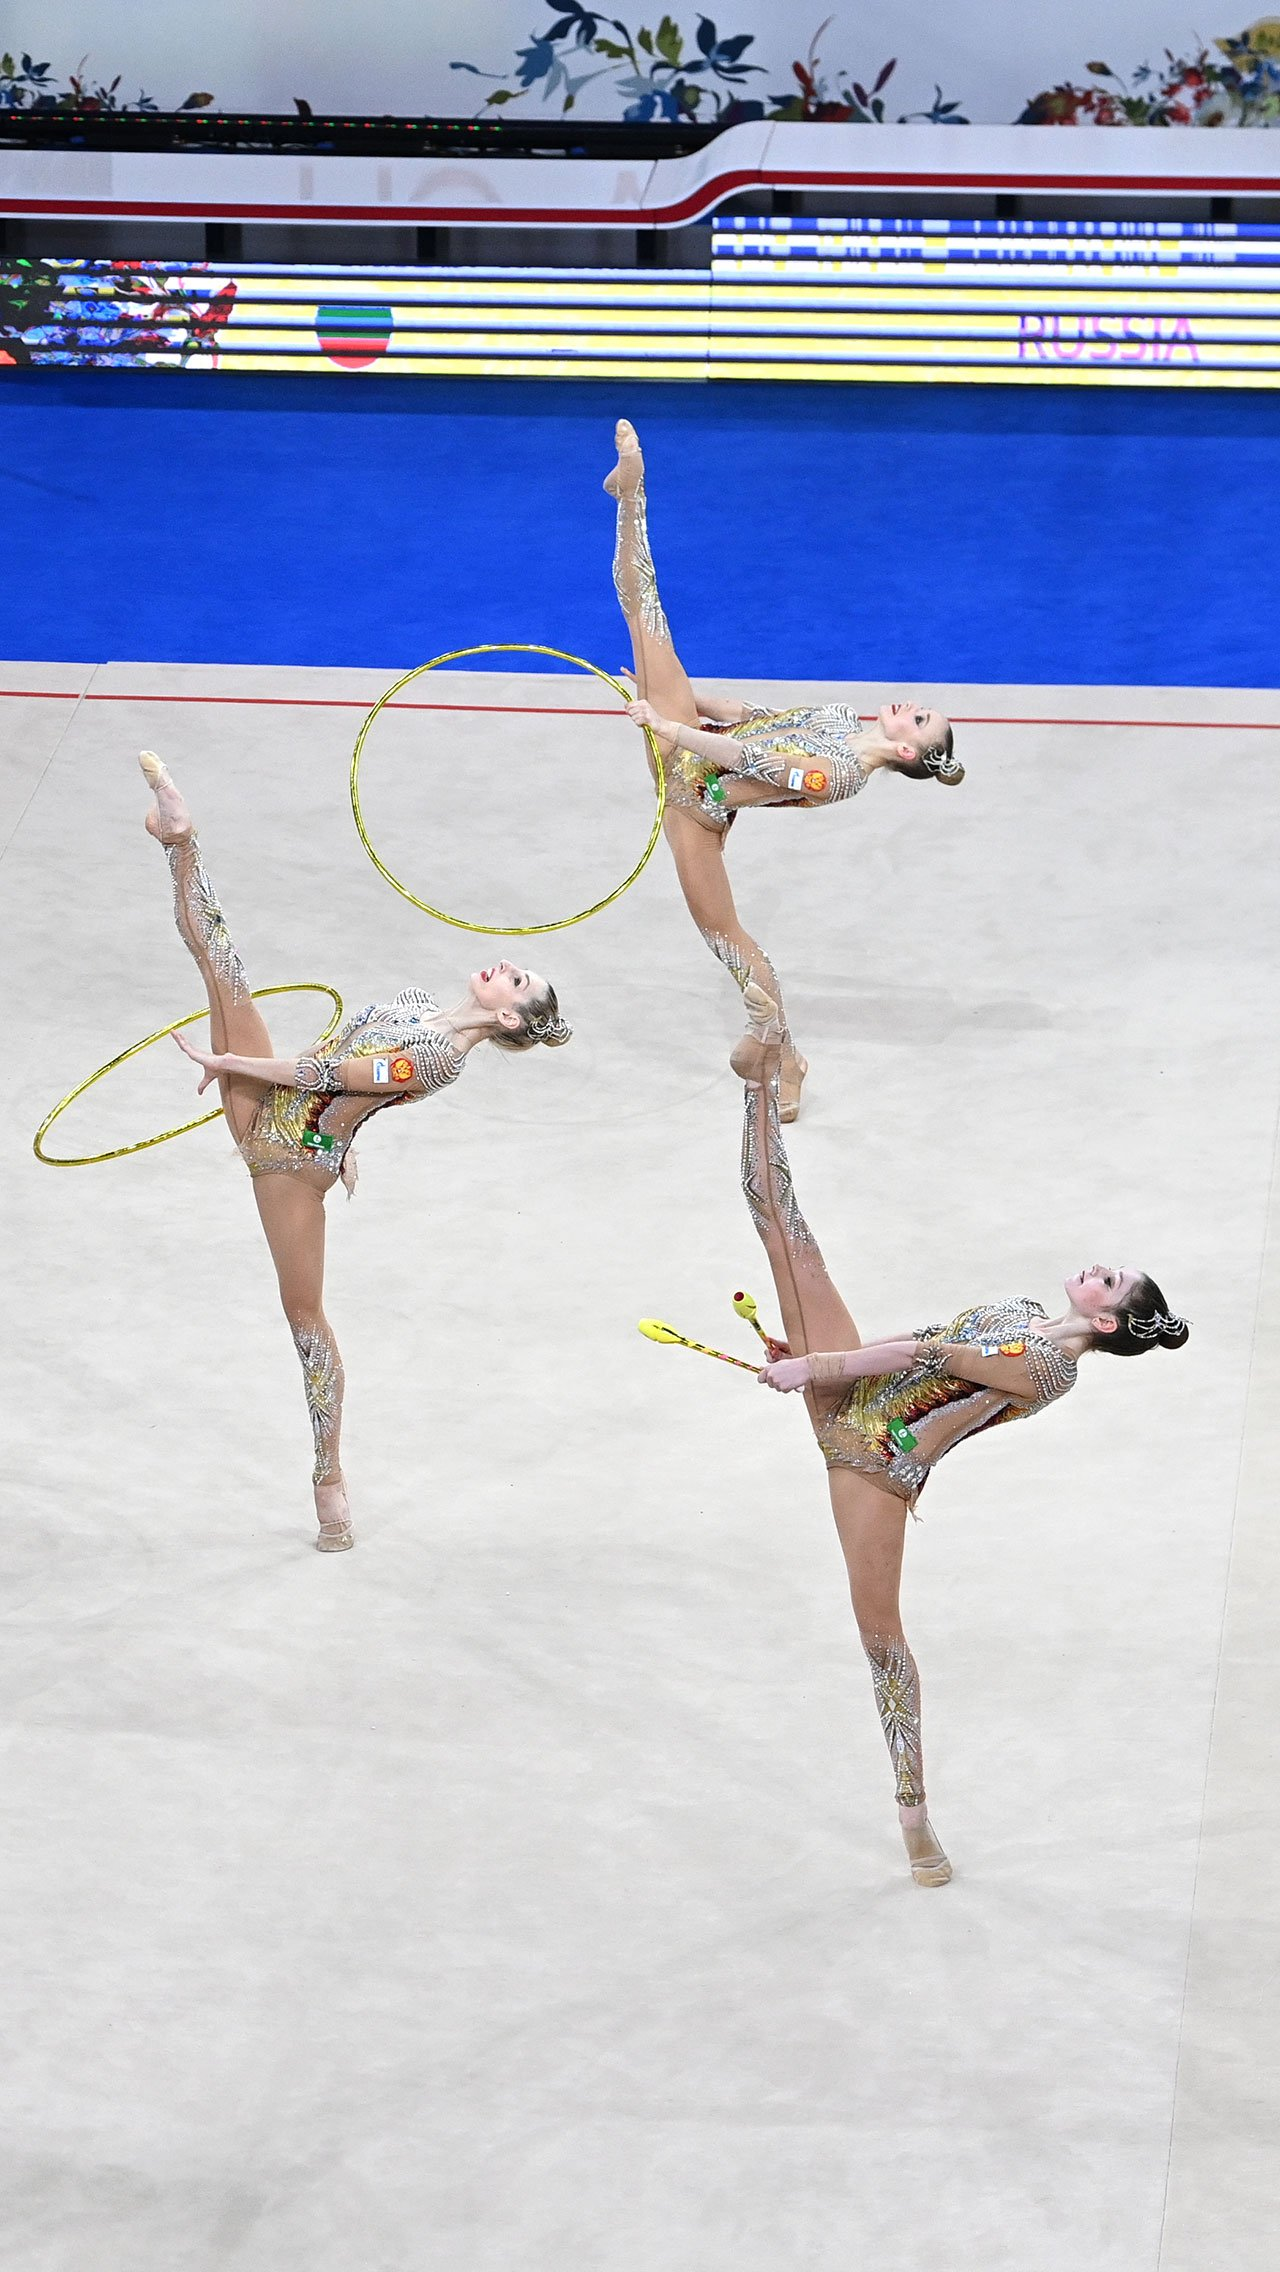 Россиянки выступили неидеально, допустив в обоих выступлениях грубые ошибки. Но за счёт запредельной сложности им удалось завоевать золото с отрывом в 3,6 балла от представительниц Японии.